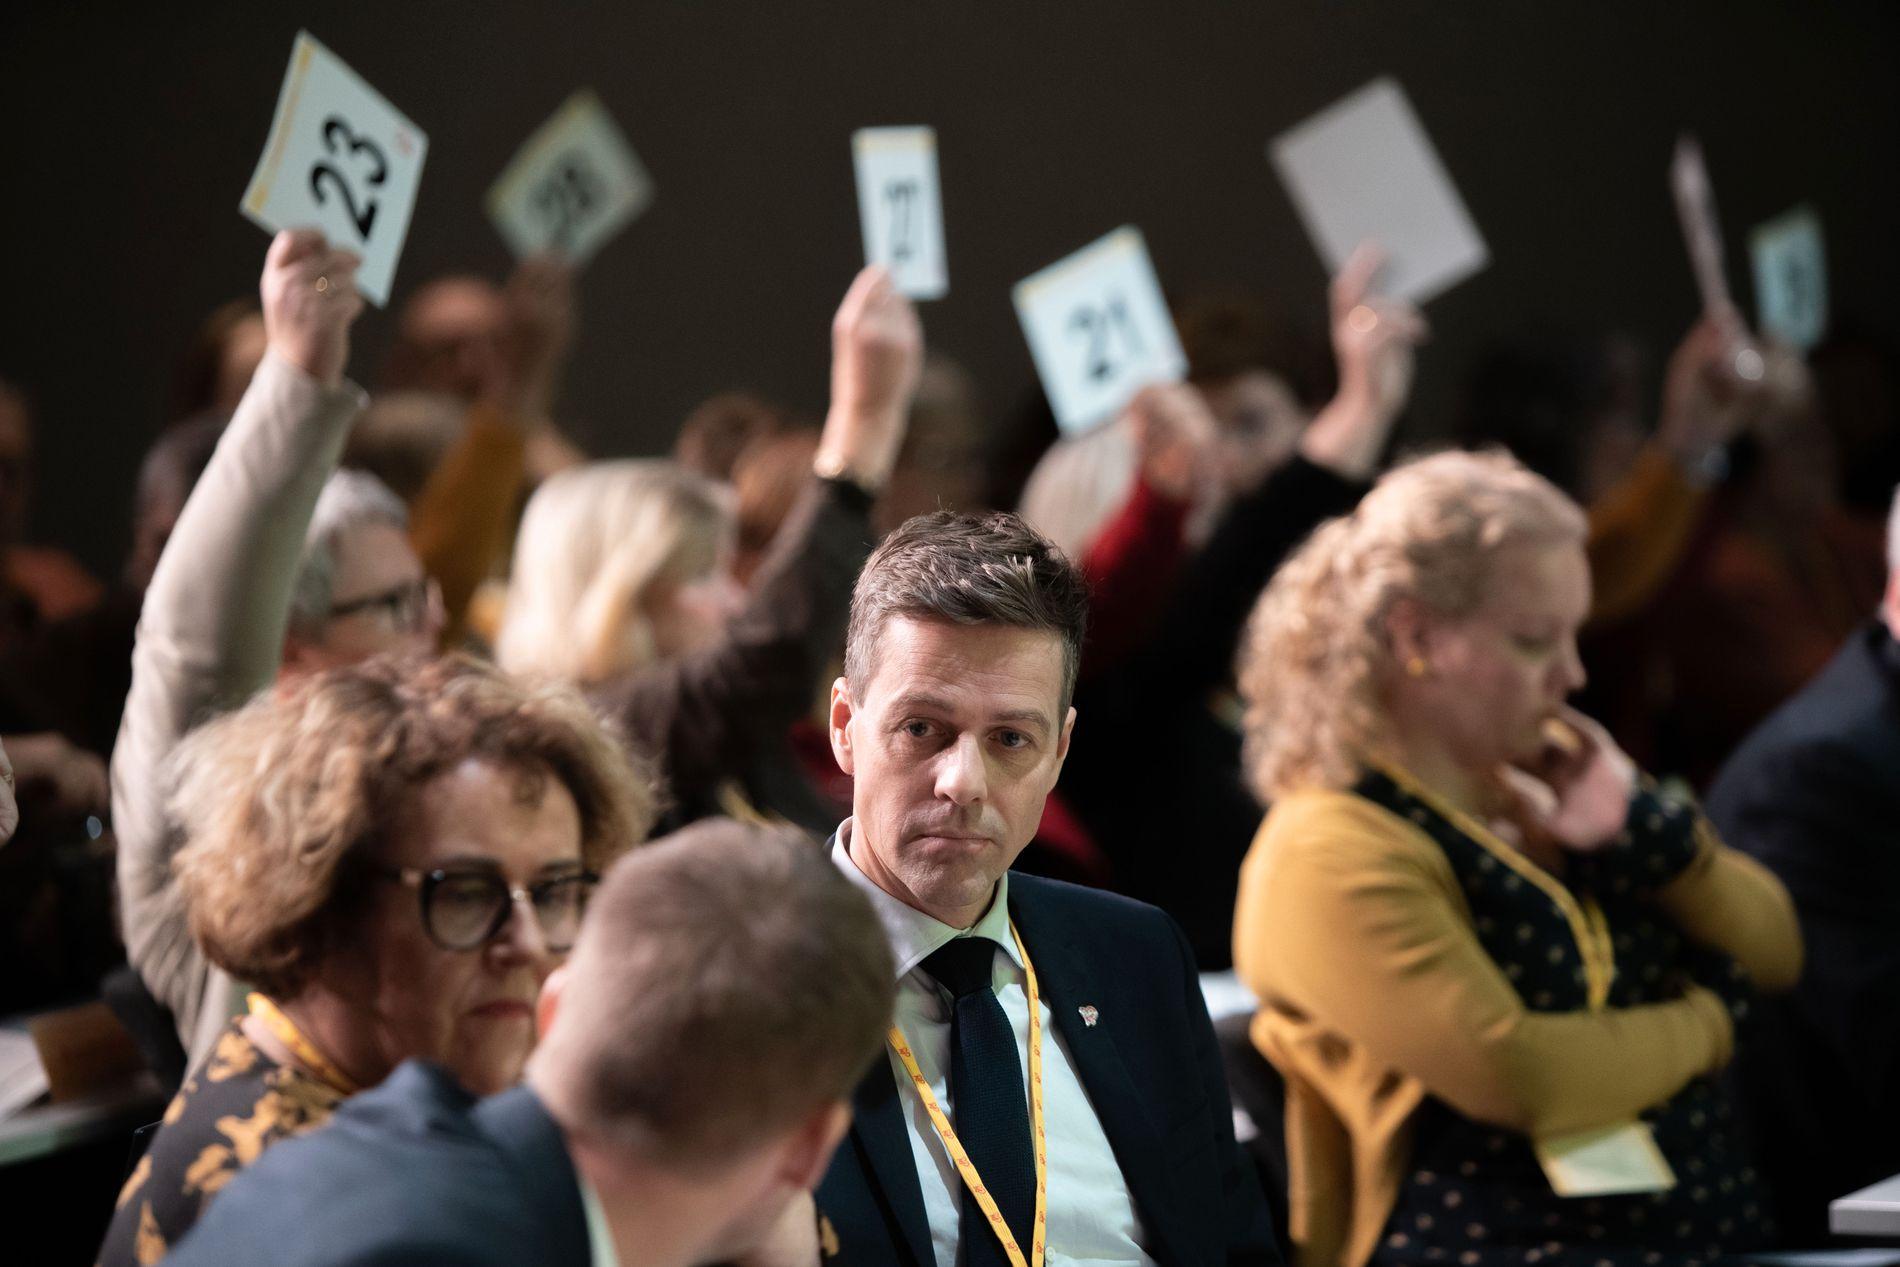 TAPTE: Avstemningen på KrFs ekstraordinære landsmøte endte med 98–90-seier til «blå» side. To stemte blankt.